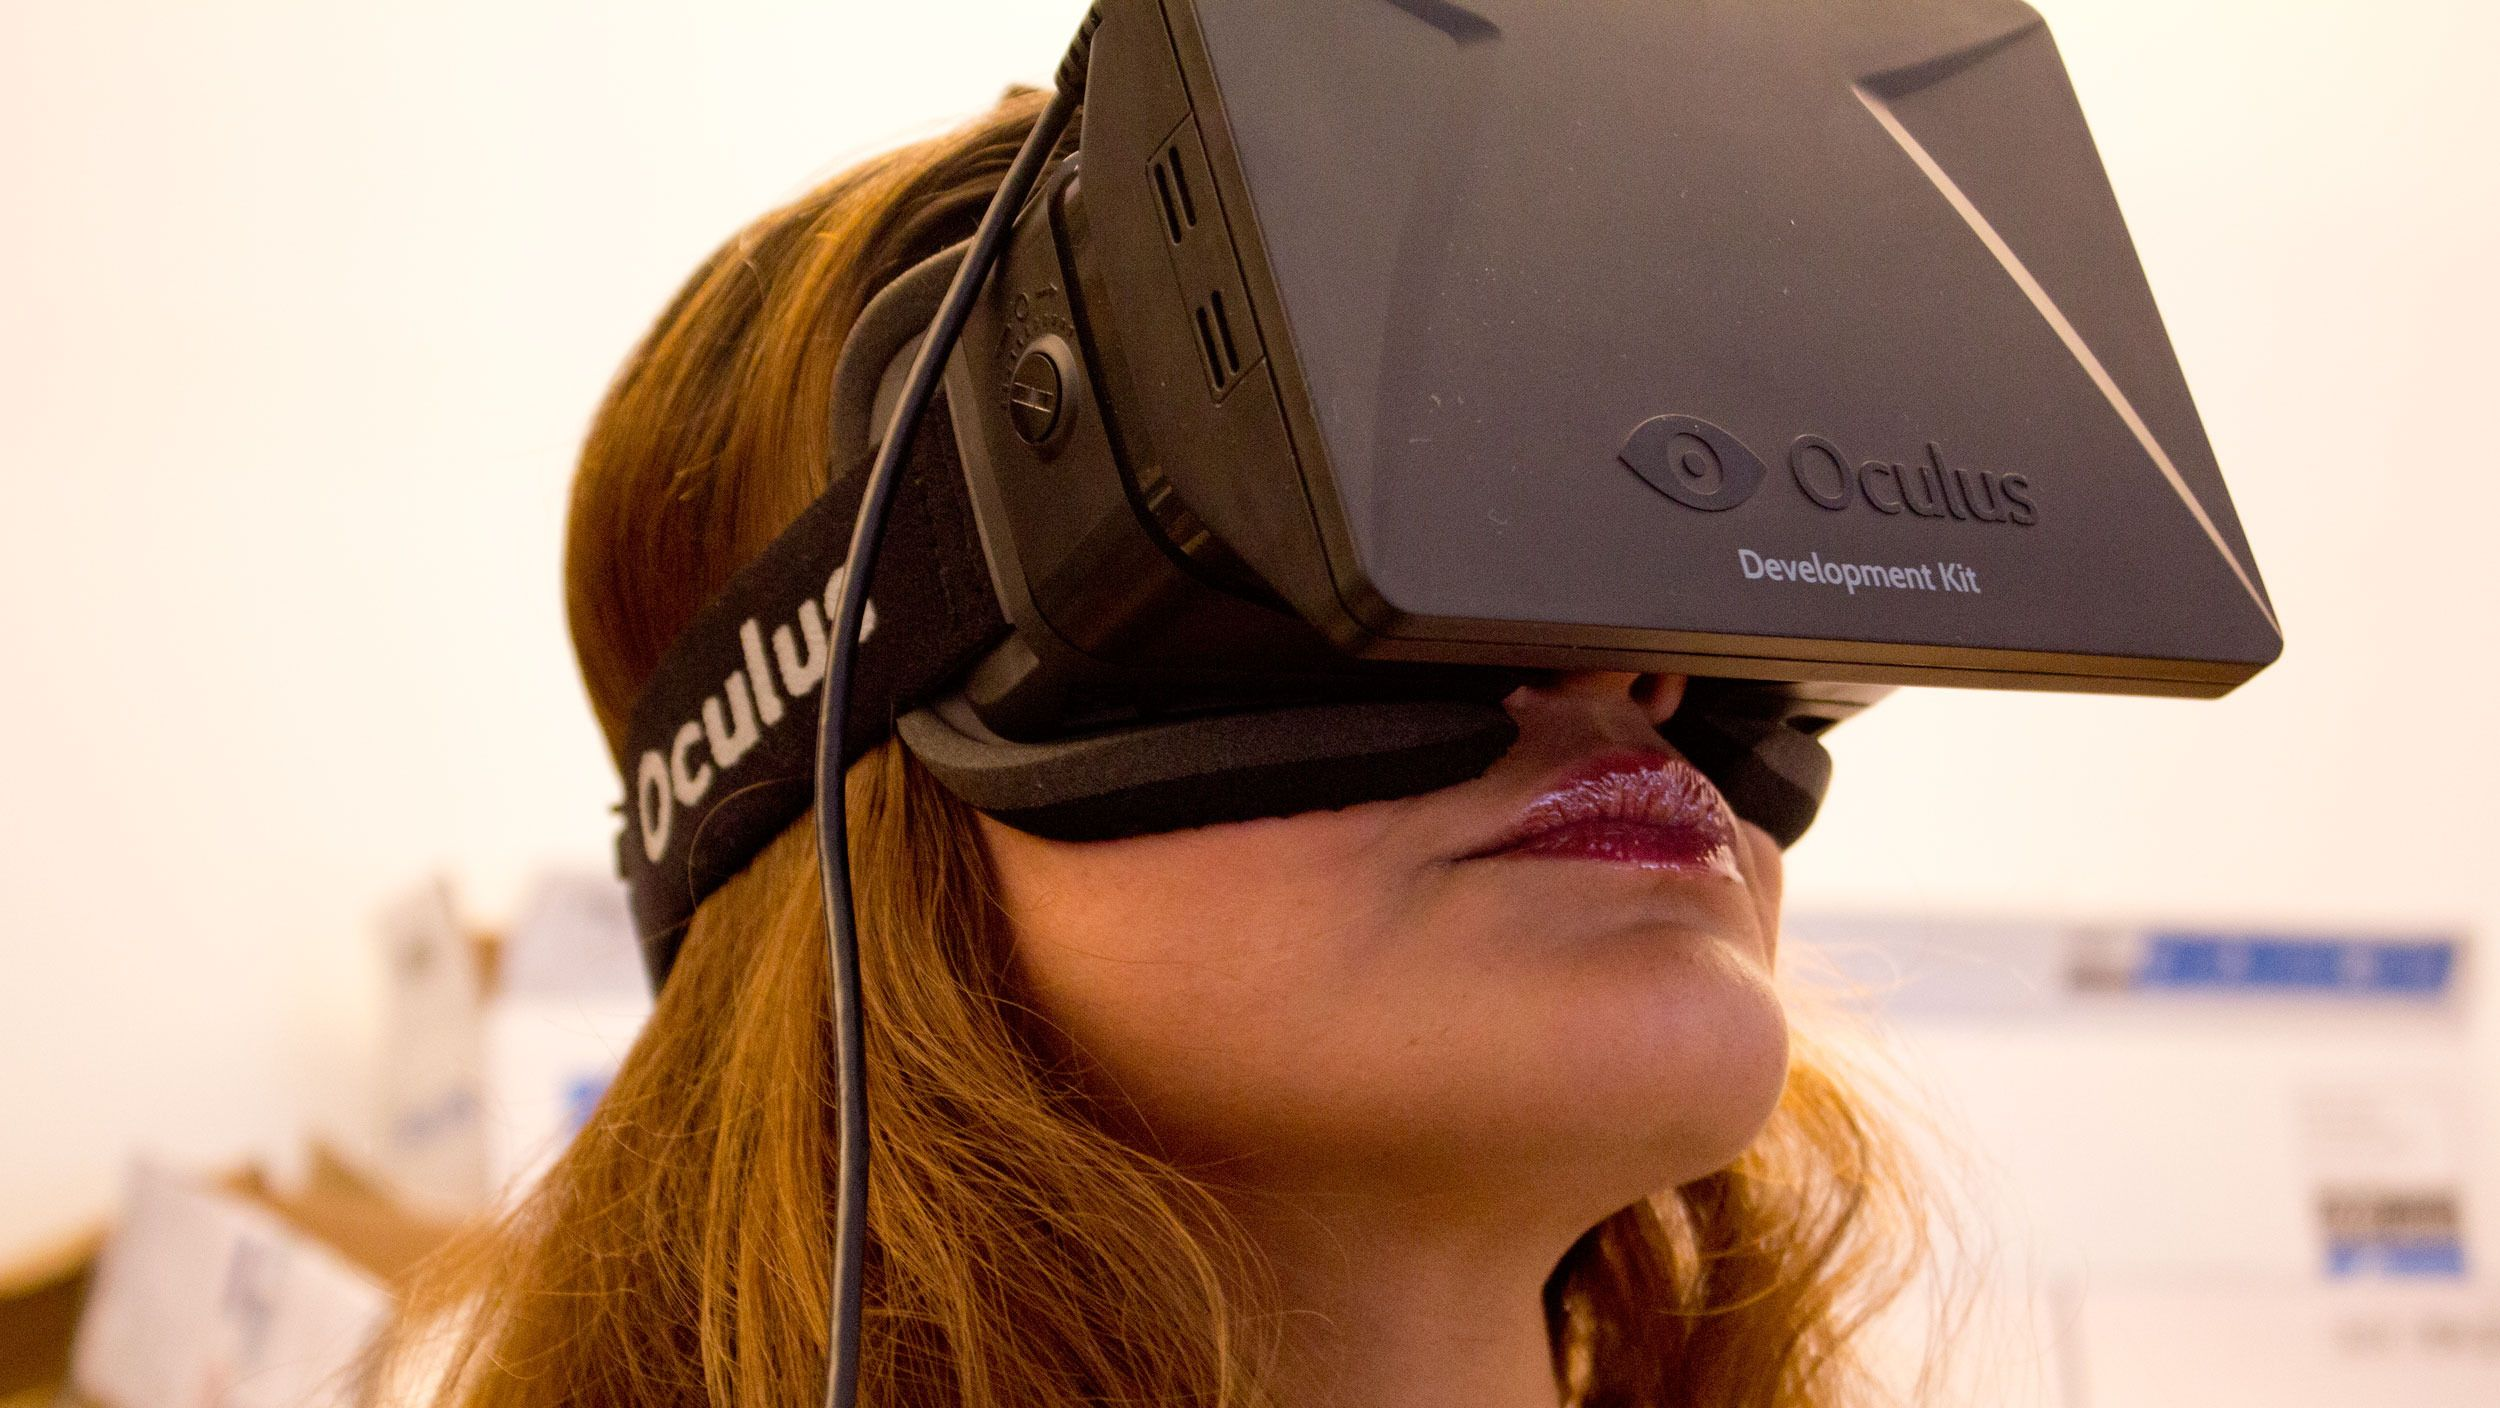 Oculus Rift ble en store snakkisen på CES 2013.Foto: Jørgen Elton Nilsen, Hardware.no